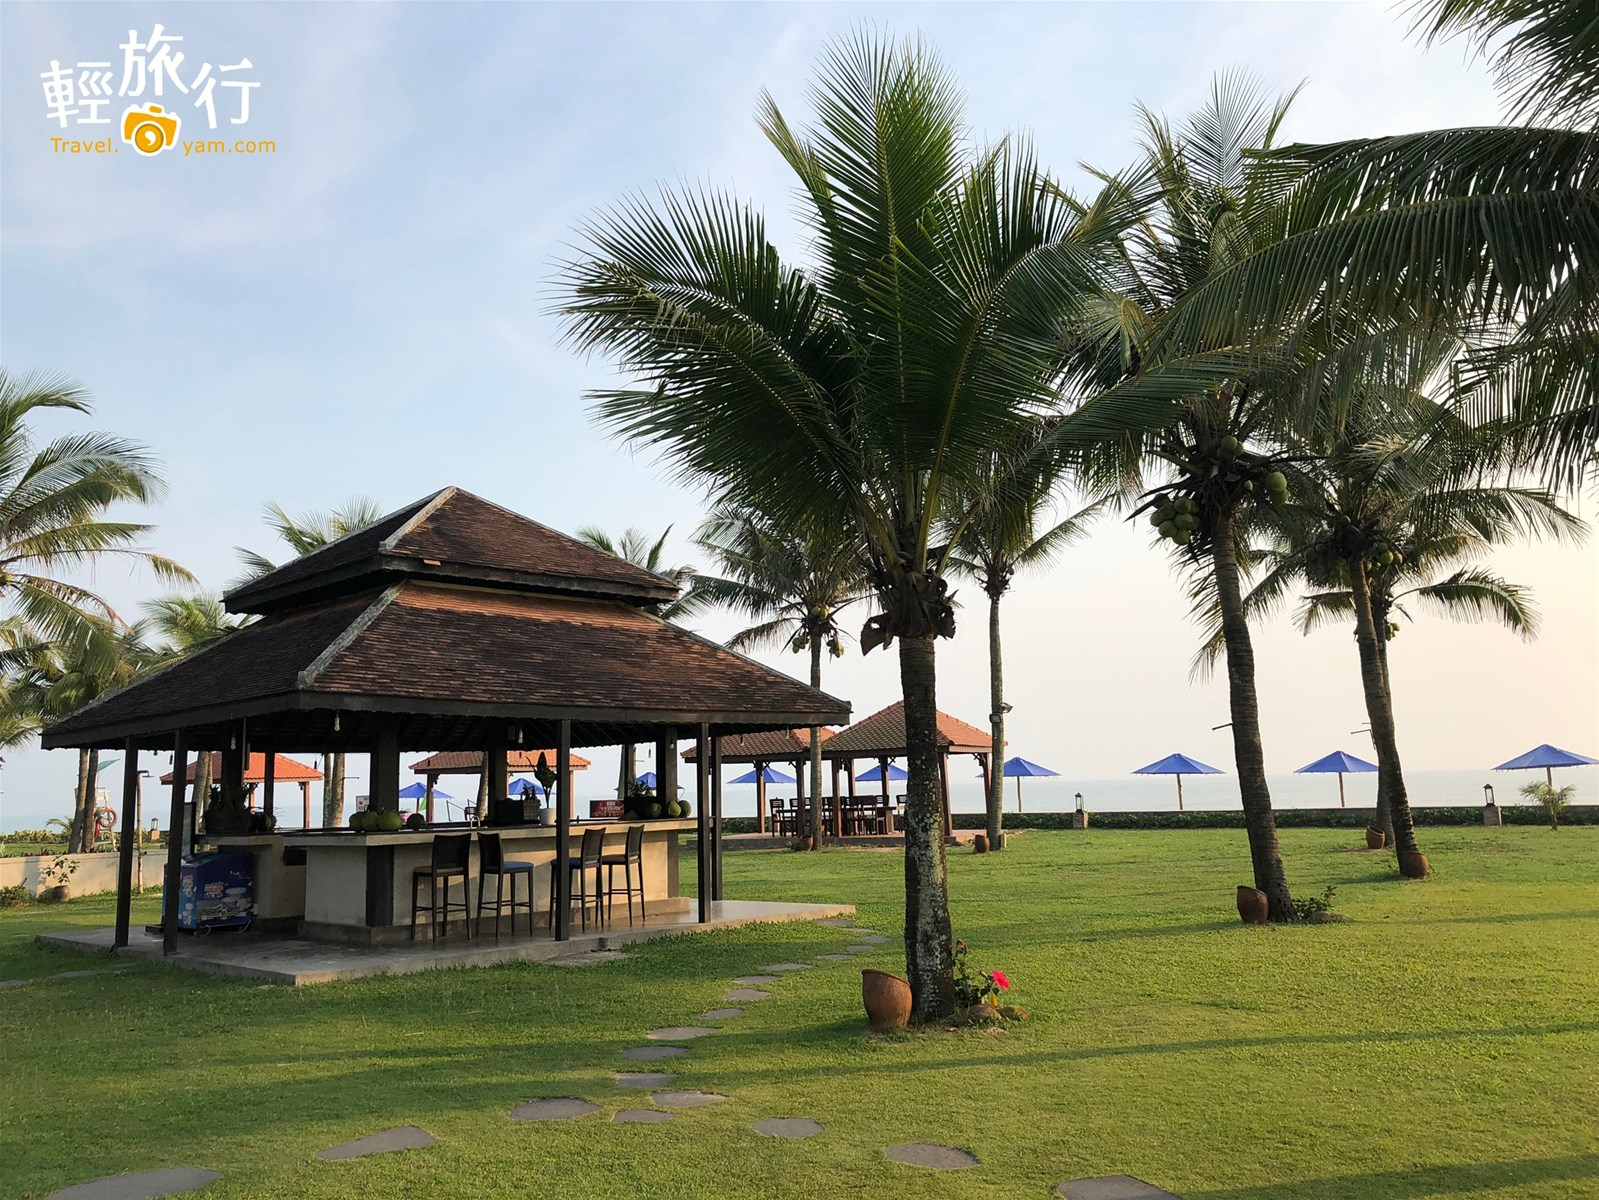 安娜曼德拉胡海灘度假村